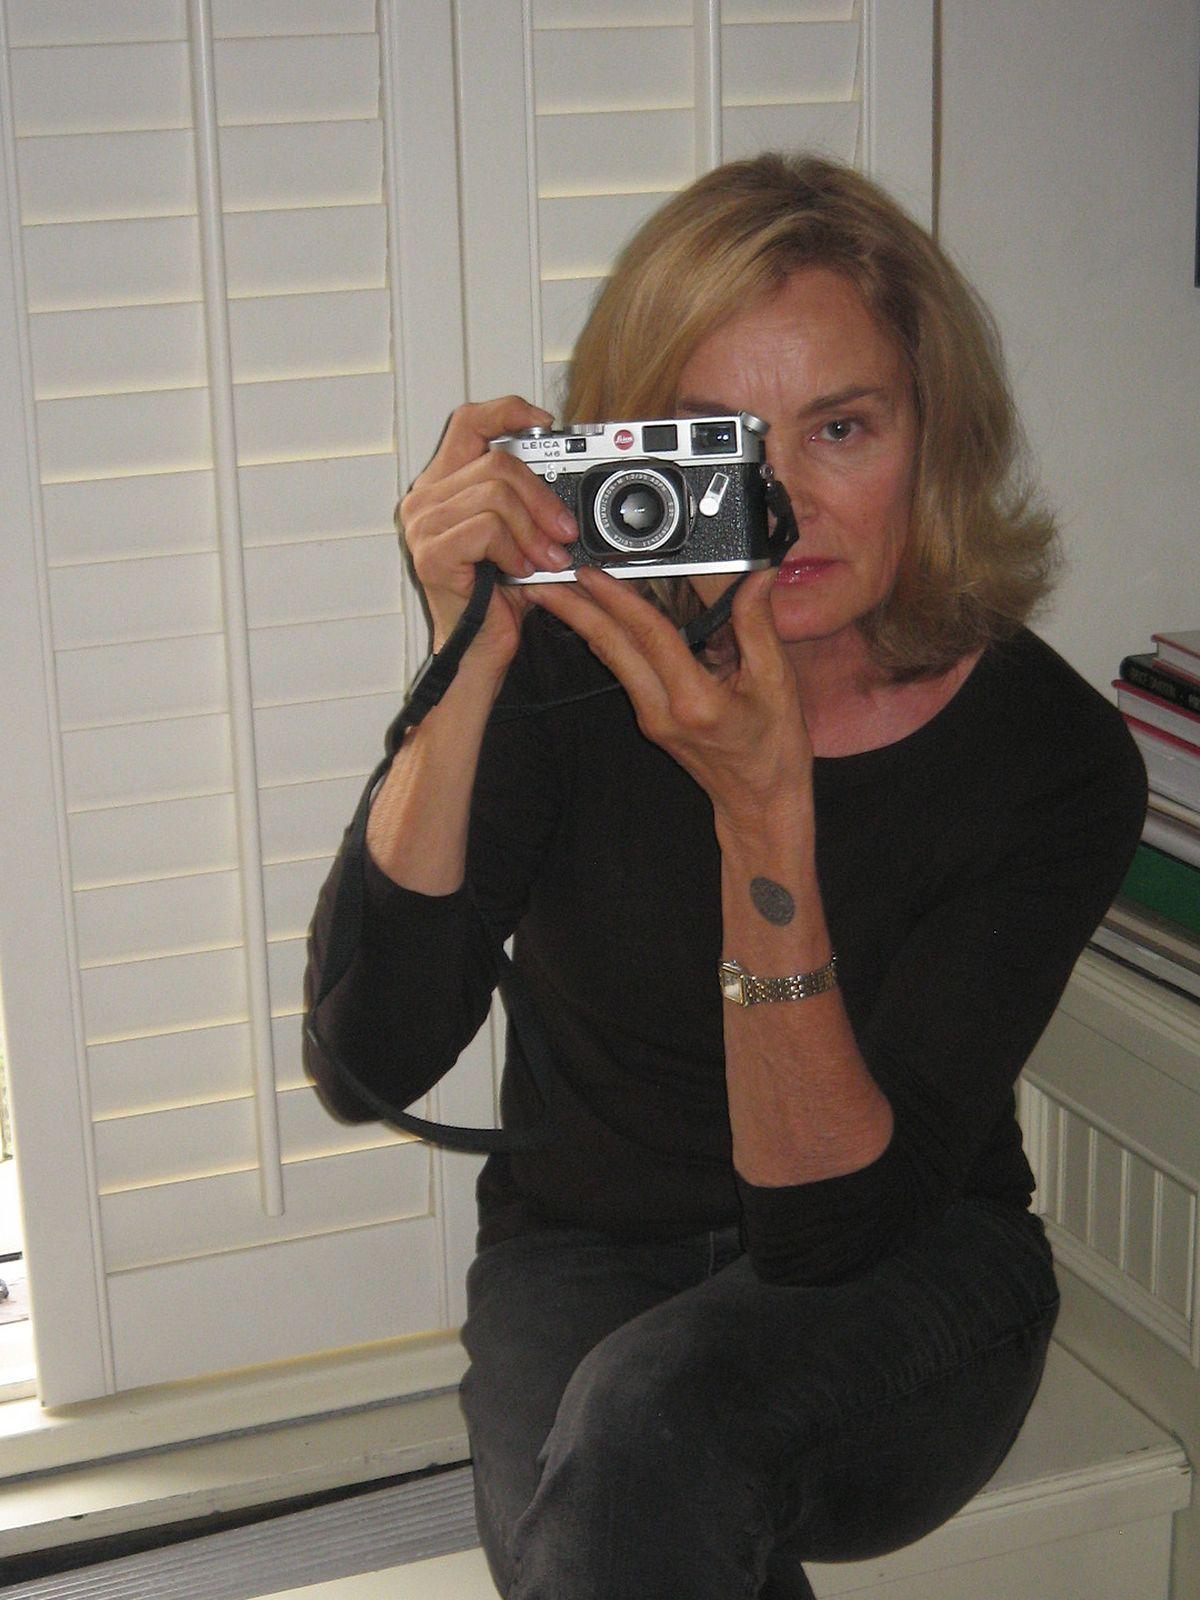 Jessica Lange bibliography - Wikipedia